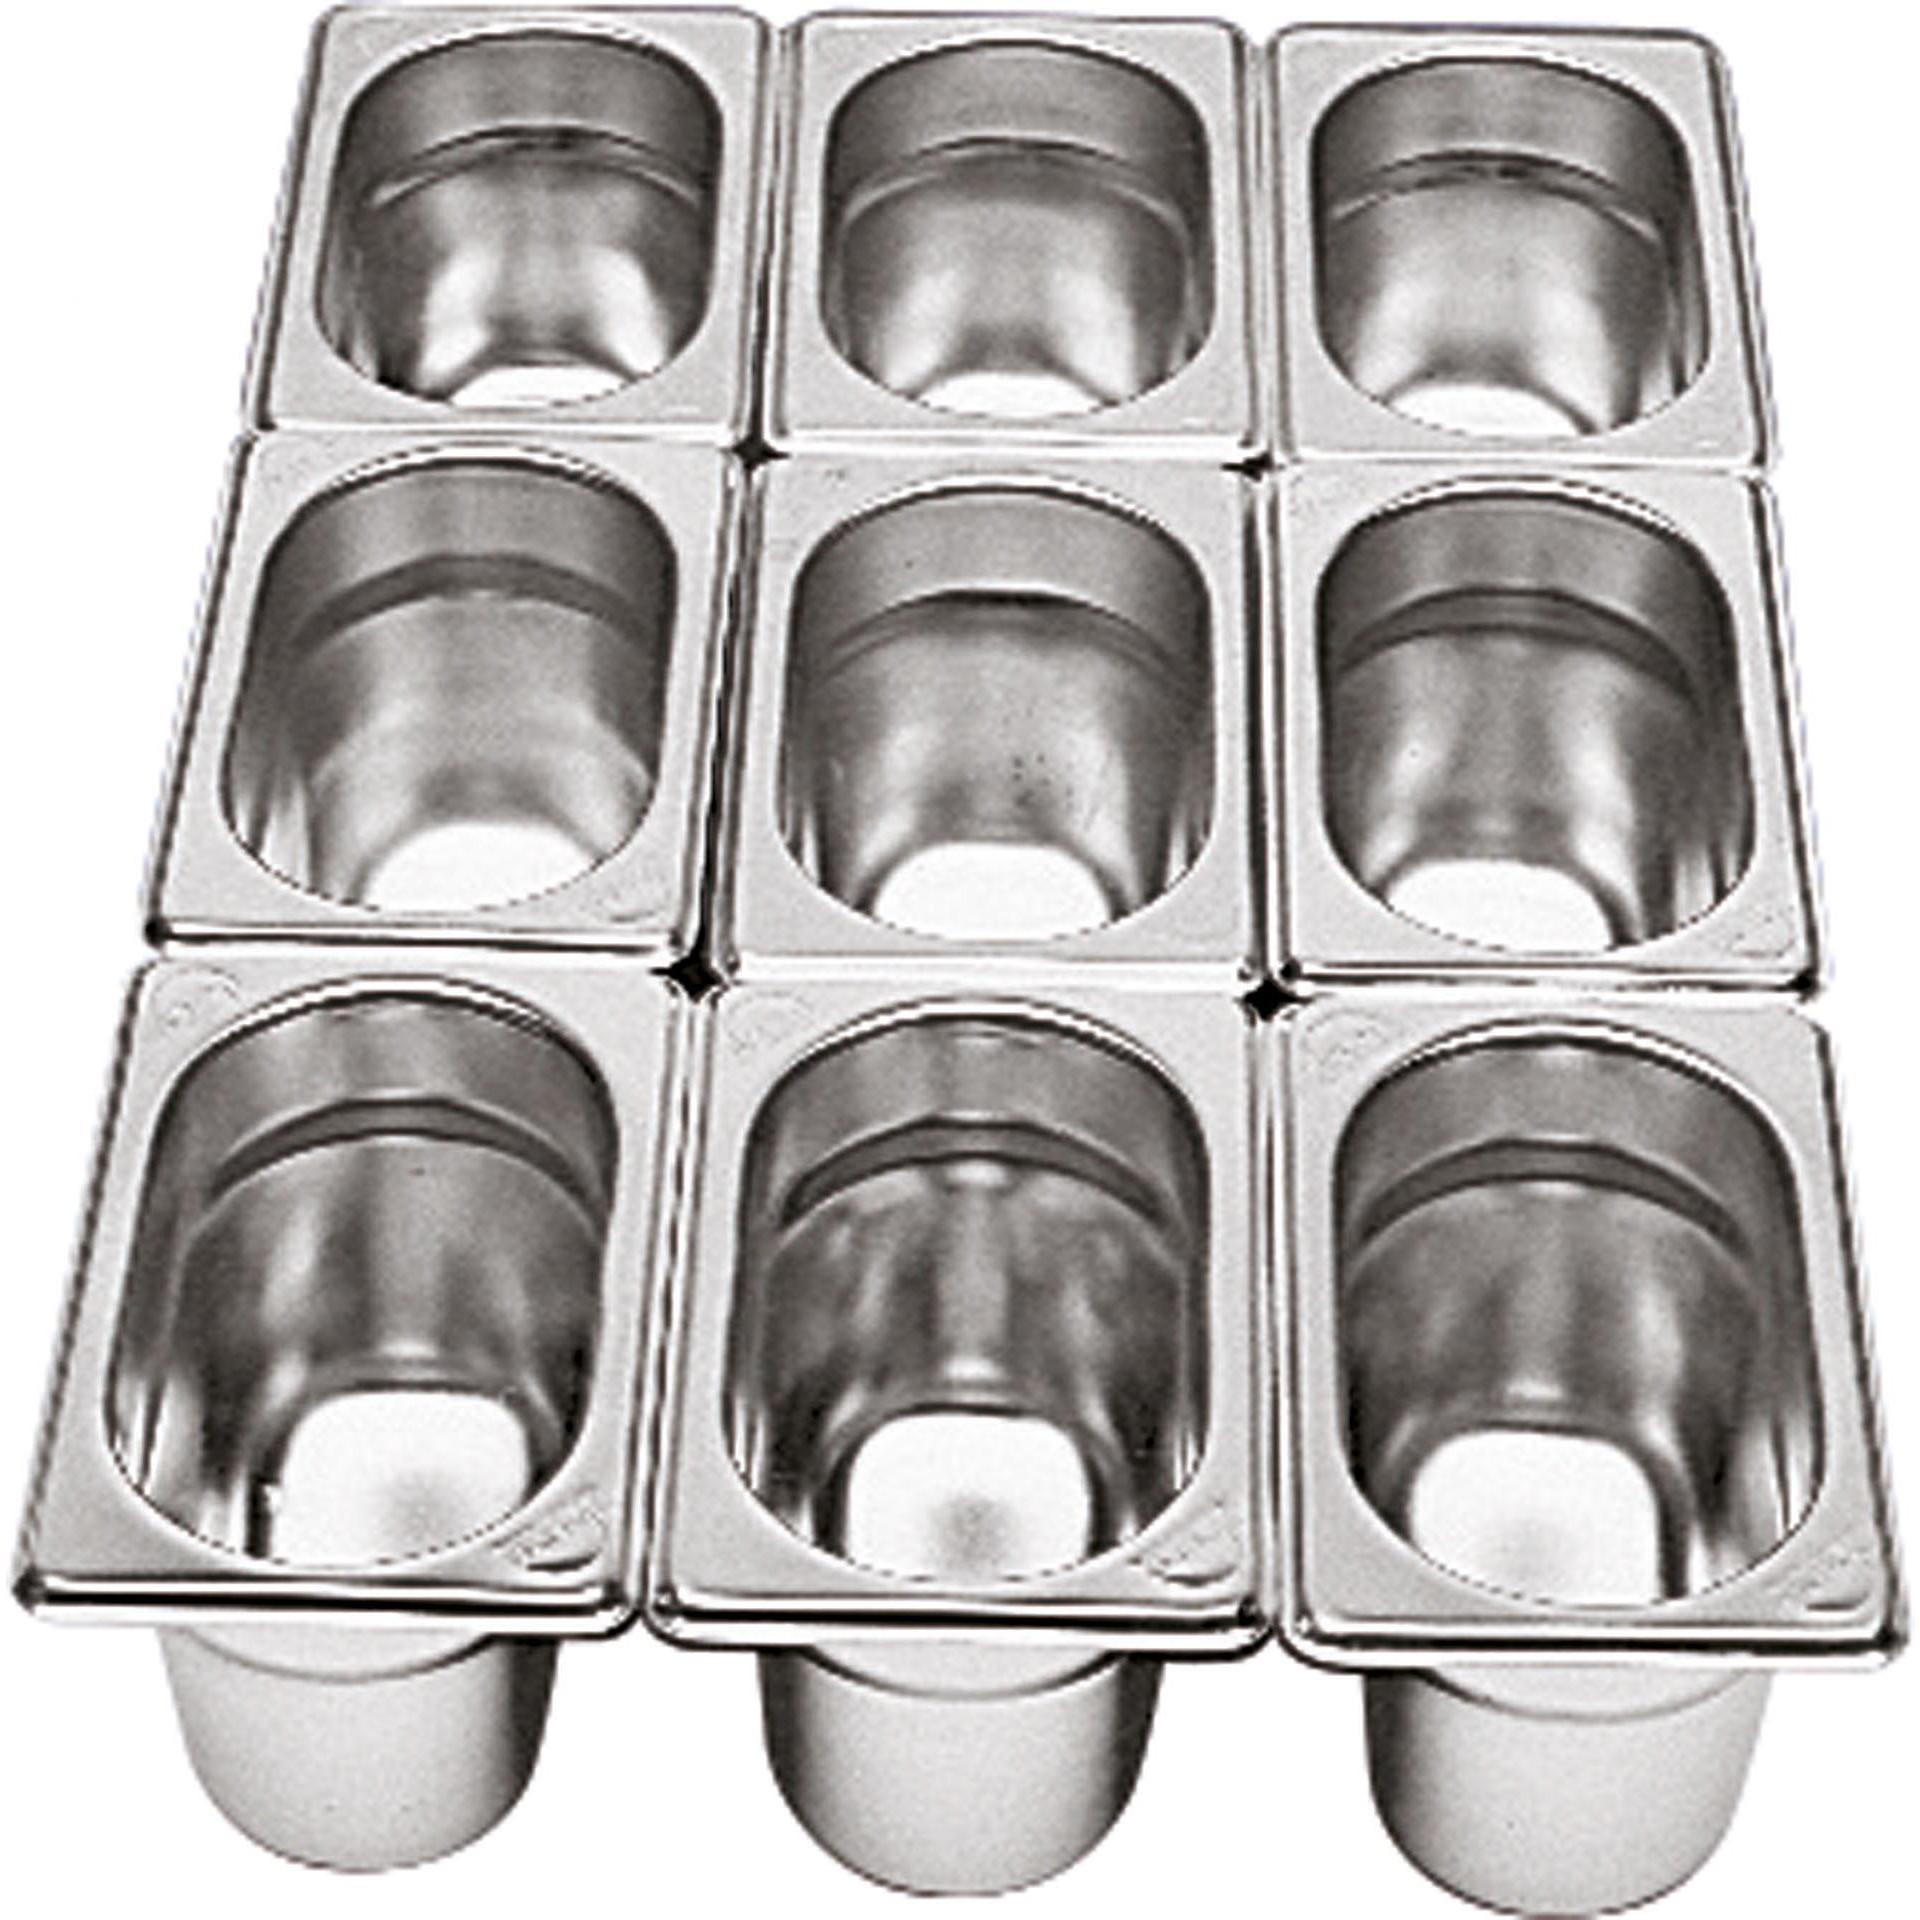 GN-Behälter 1/9 Edelstahl 65 mm tief